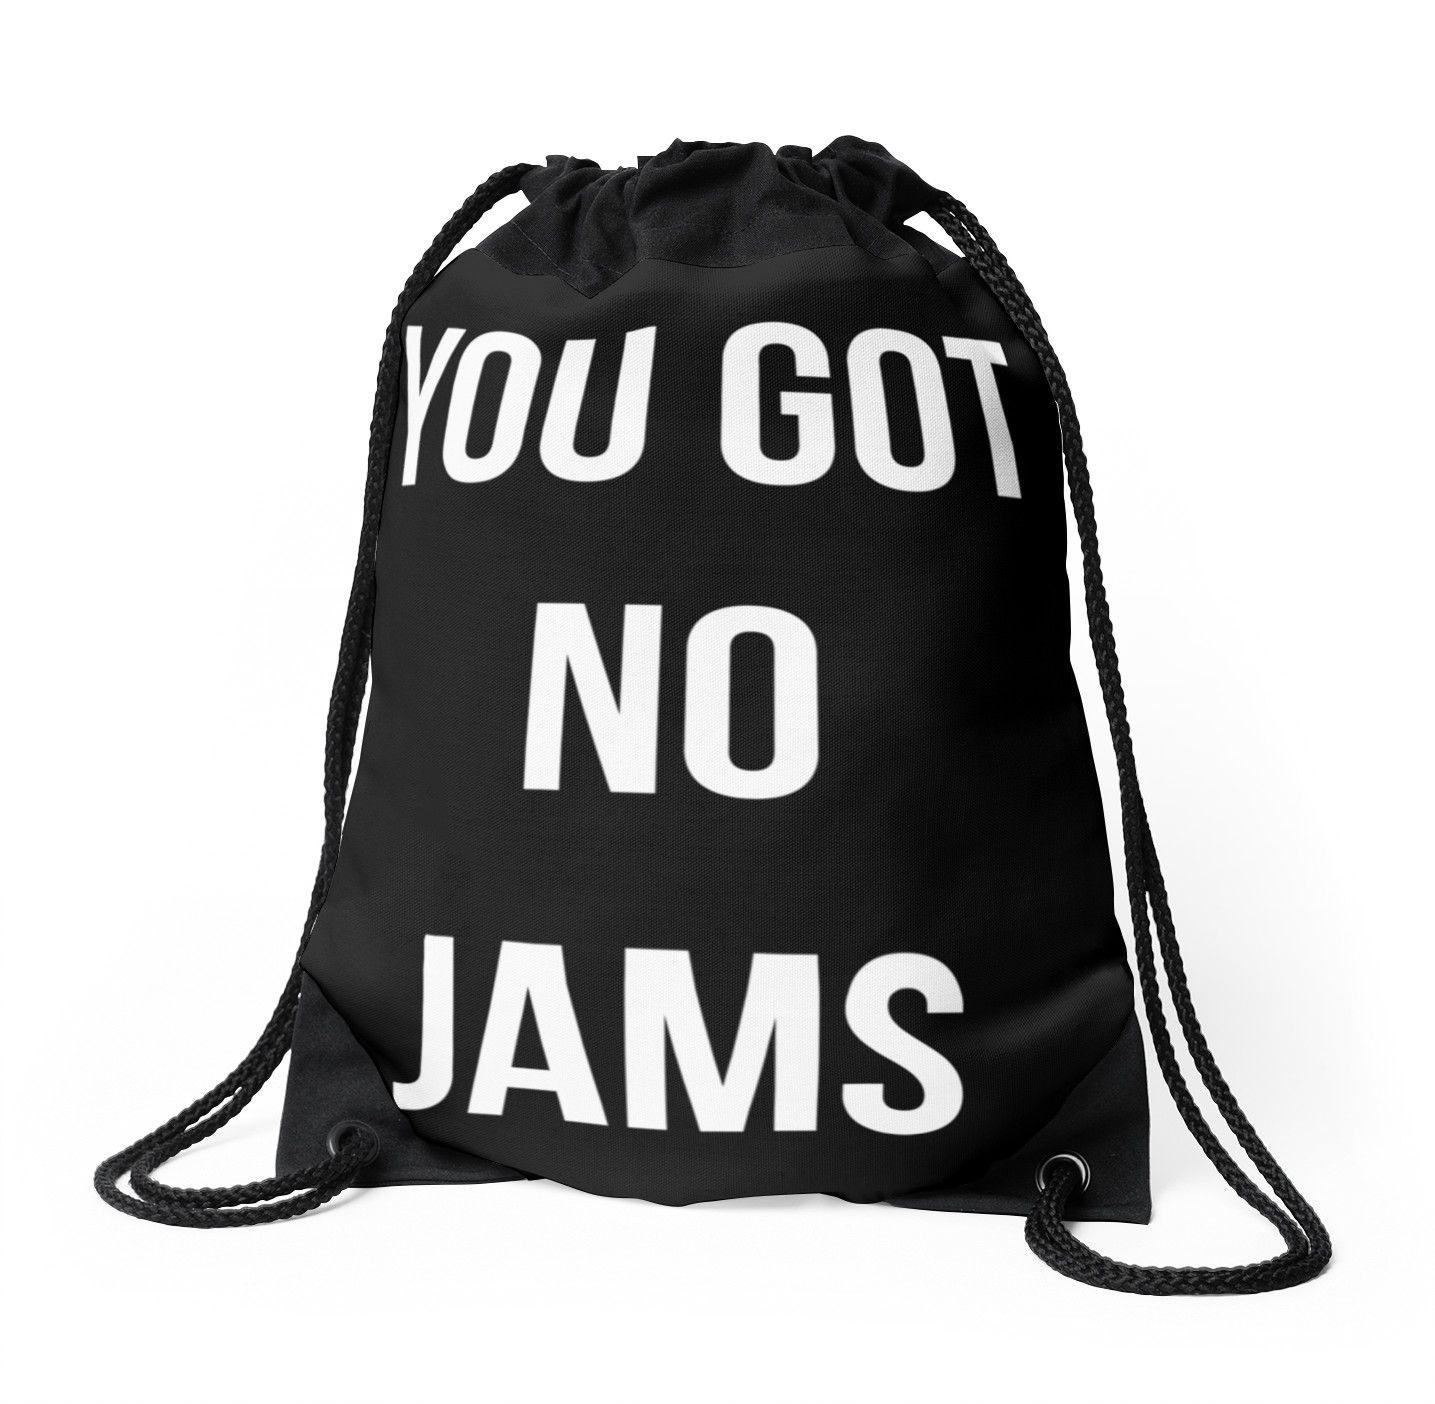 You Got No Jams - White by Nitewalker314